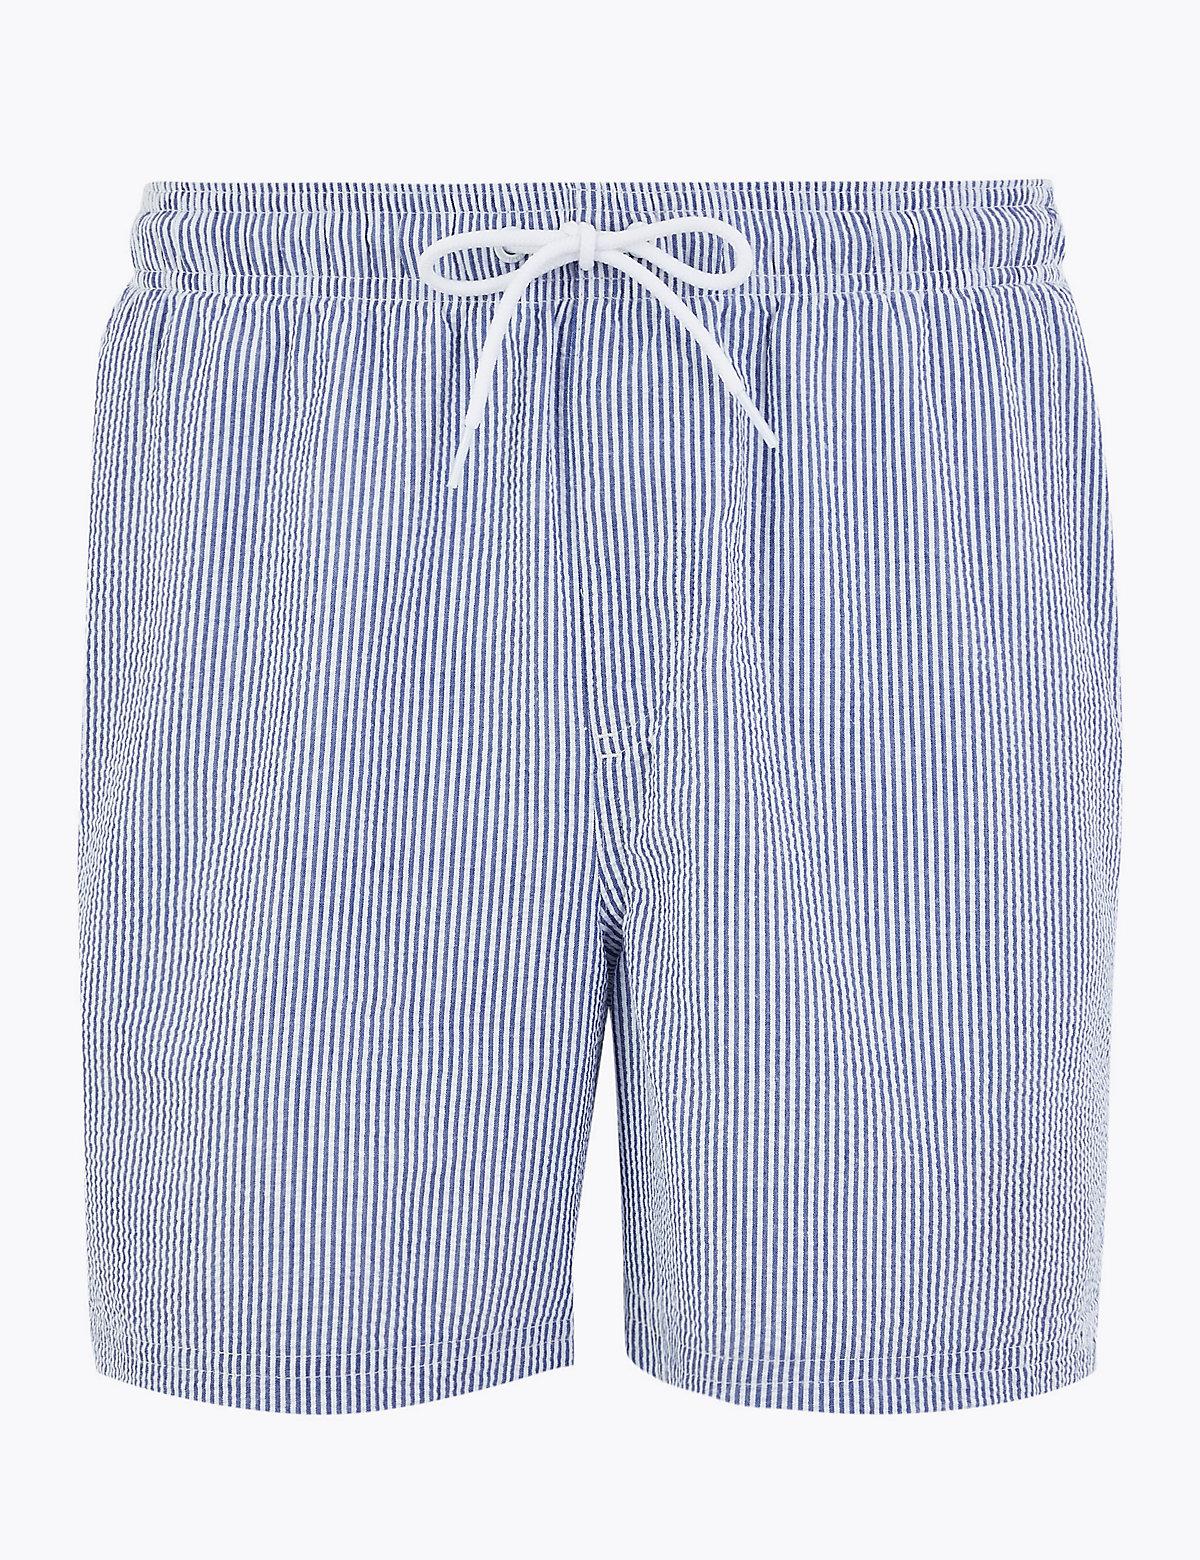 Быстросохнущие плавательные шорты в полоску